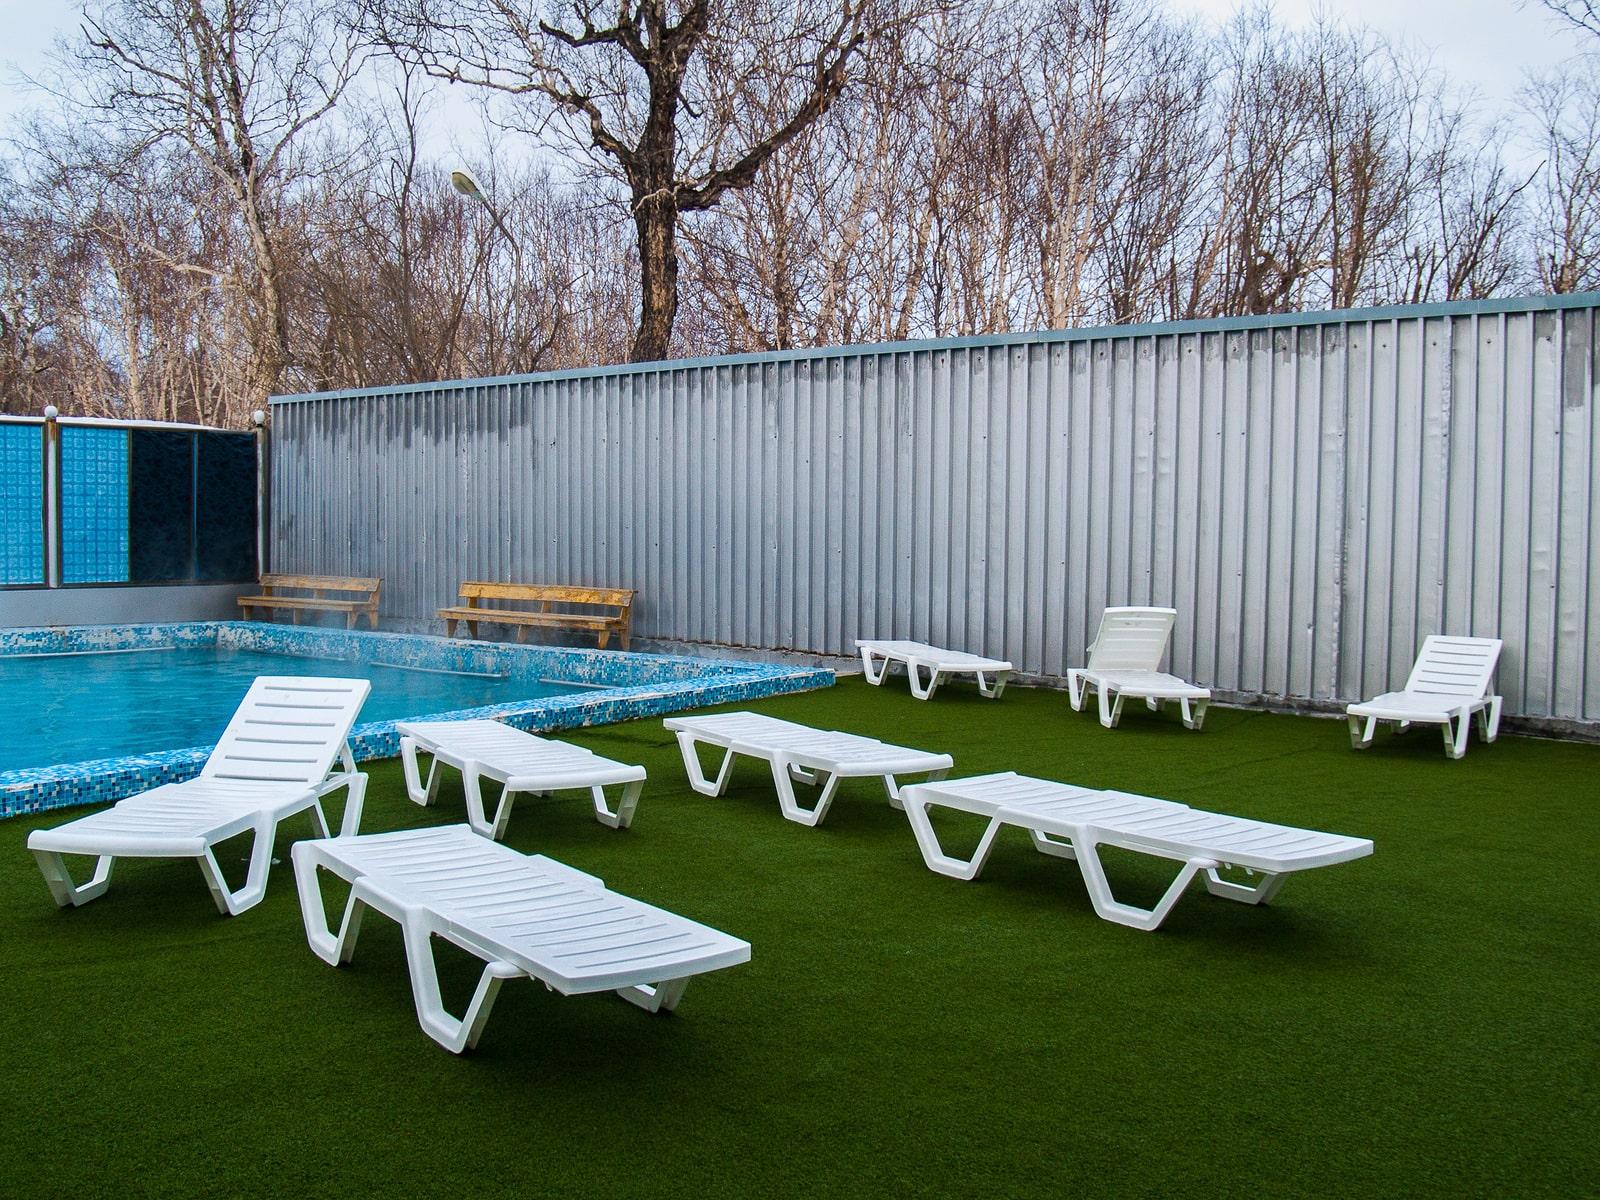 D:\CHERIX DIGITAL MARKETING\Shutterstock (NEW)\2020\artificial grass\pool